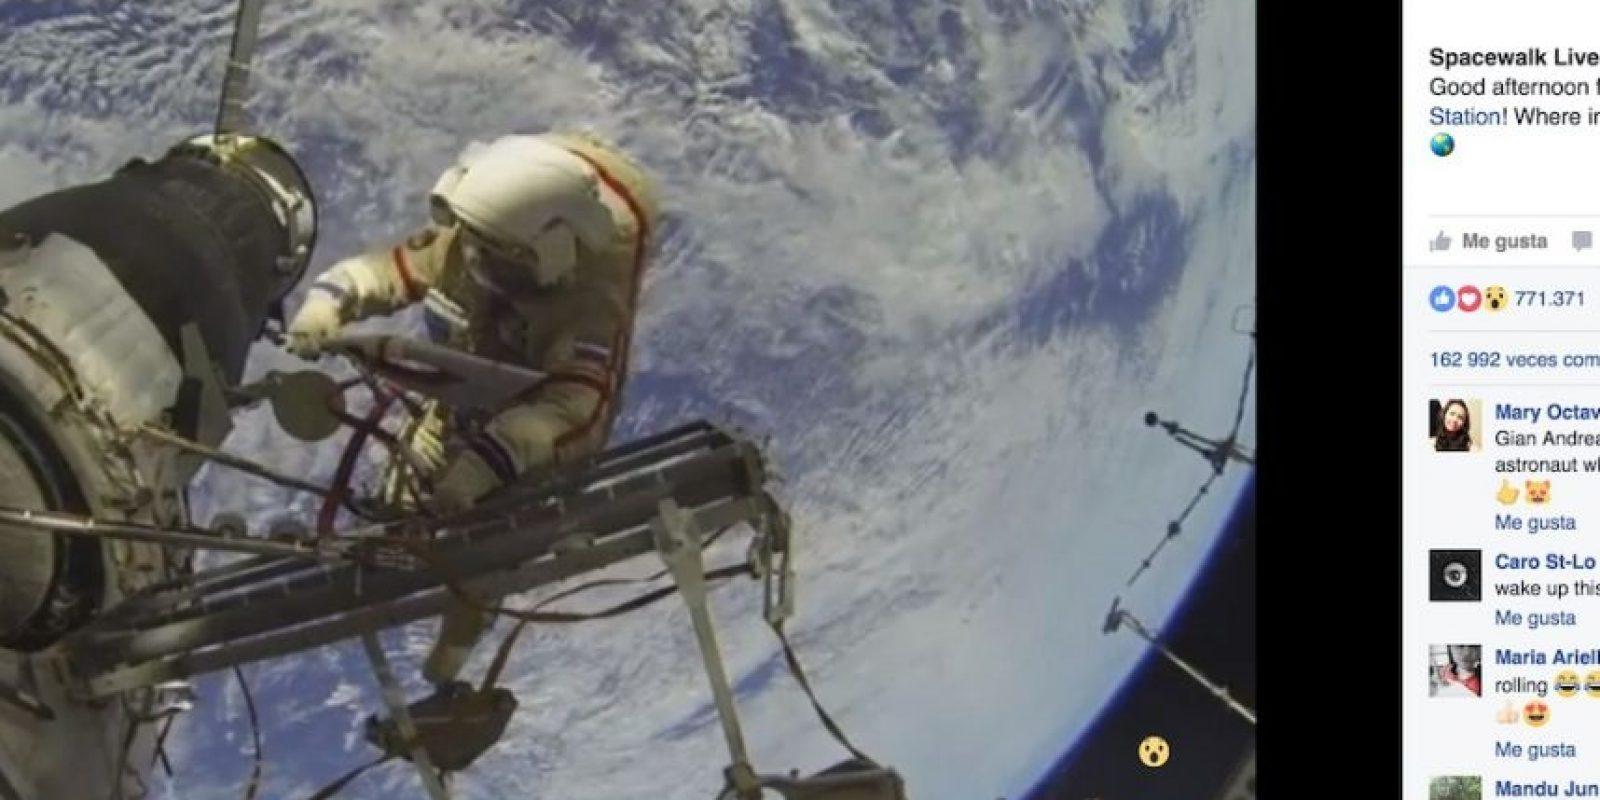 Facebook Foto:En el que aparecen astronautas rusos con la antorcha de los Juegos Olímpicos de Invierno de Sochi 2014